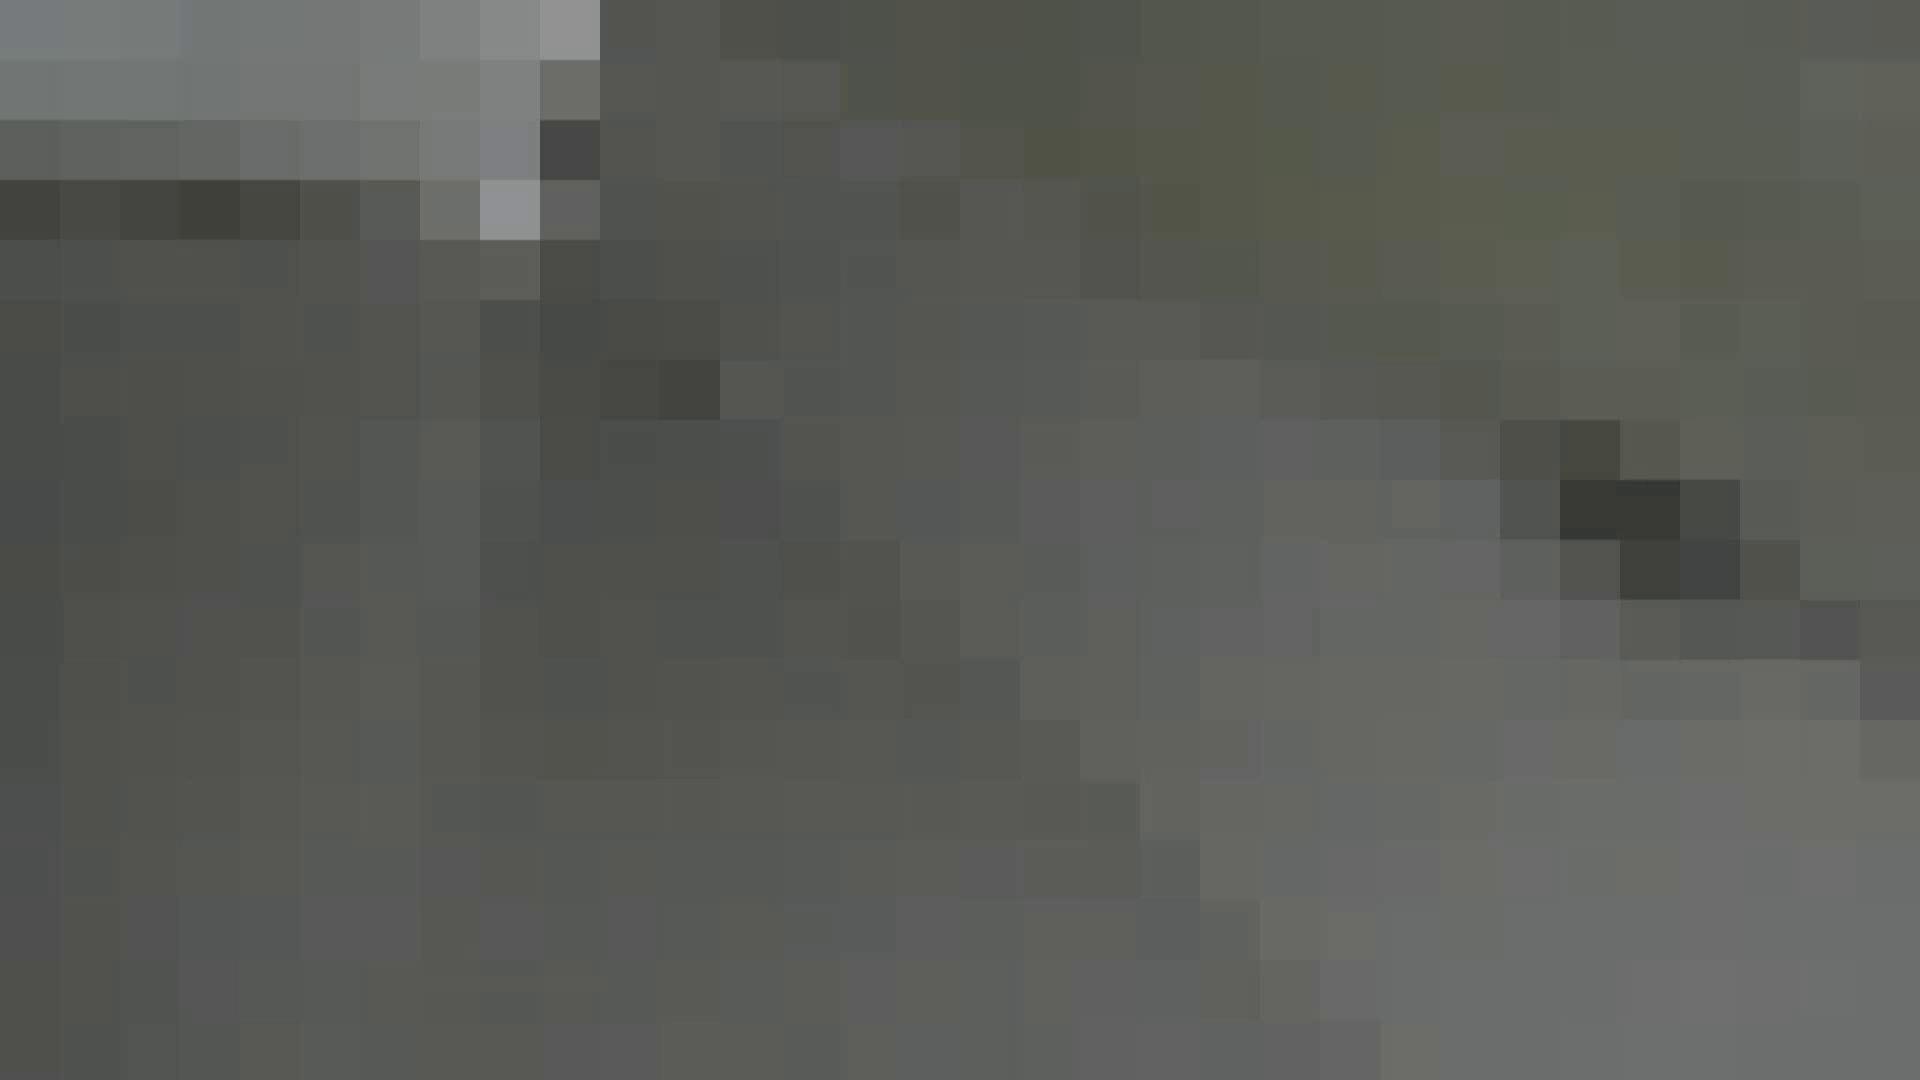 洗面所特攻隊vol.011 高画質  94画像 93